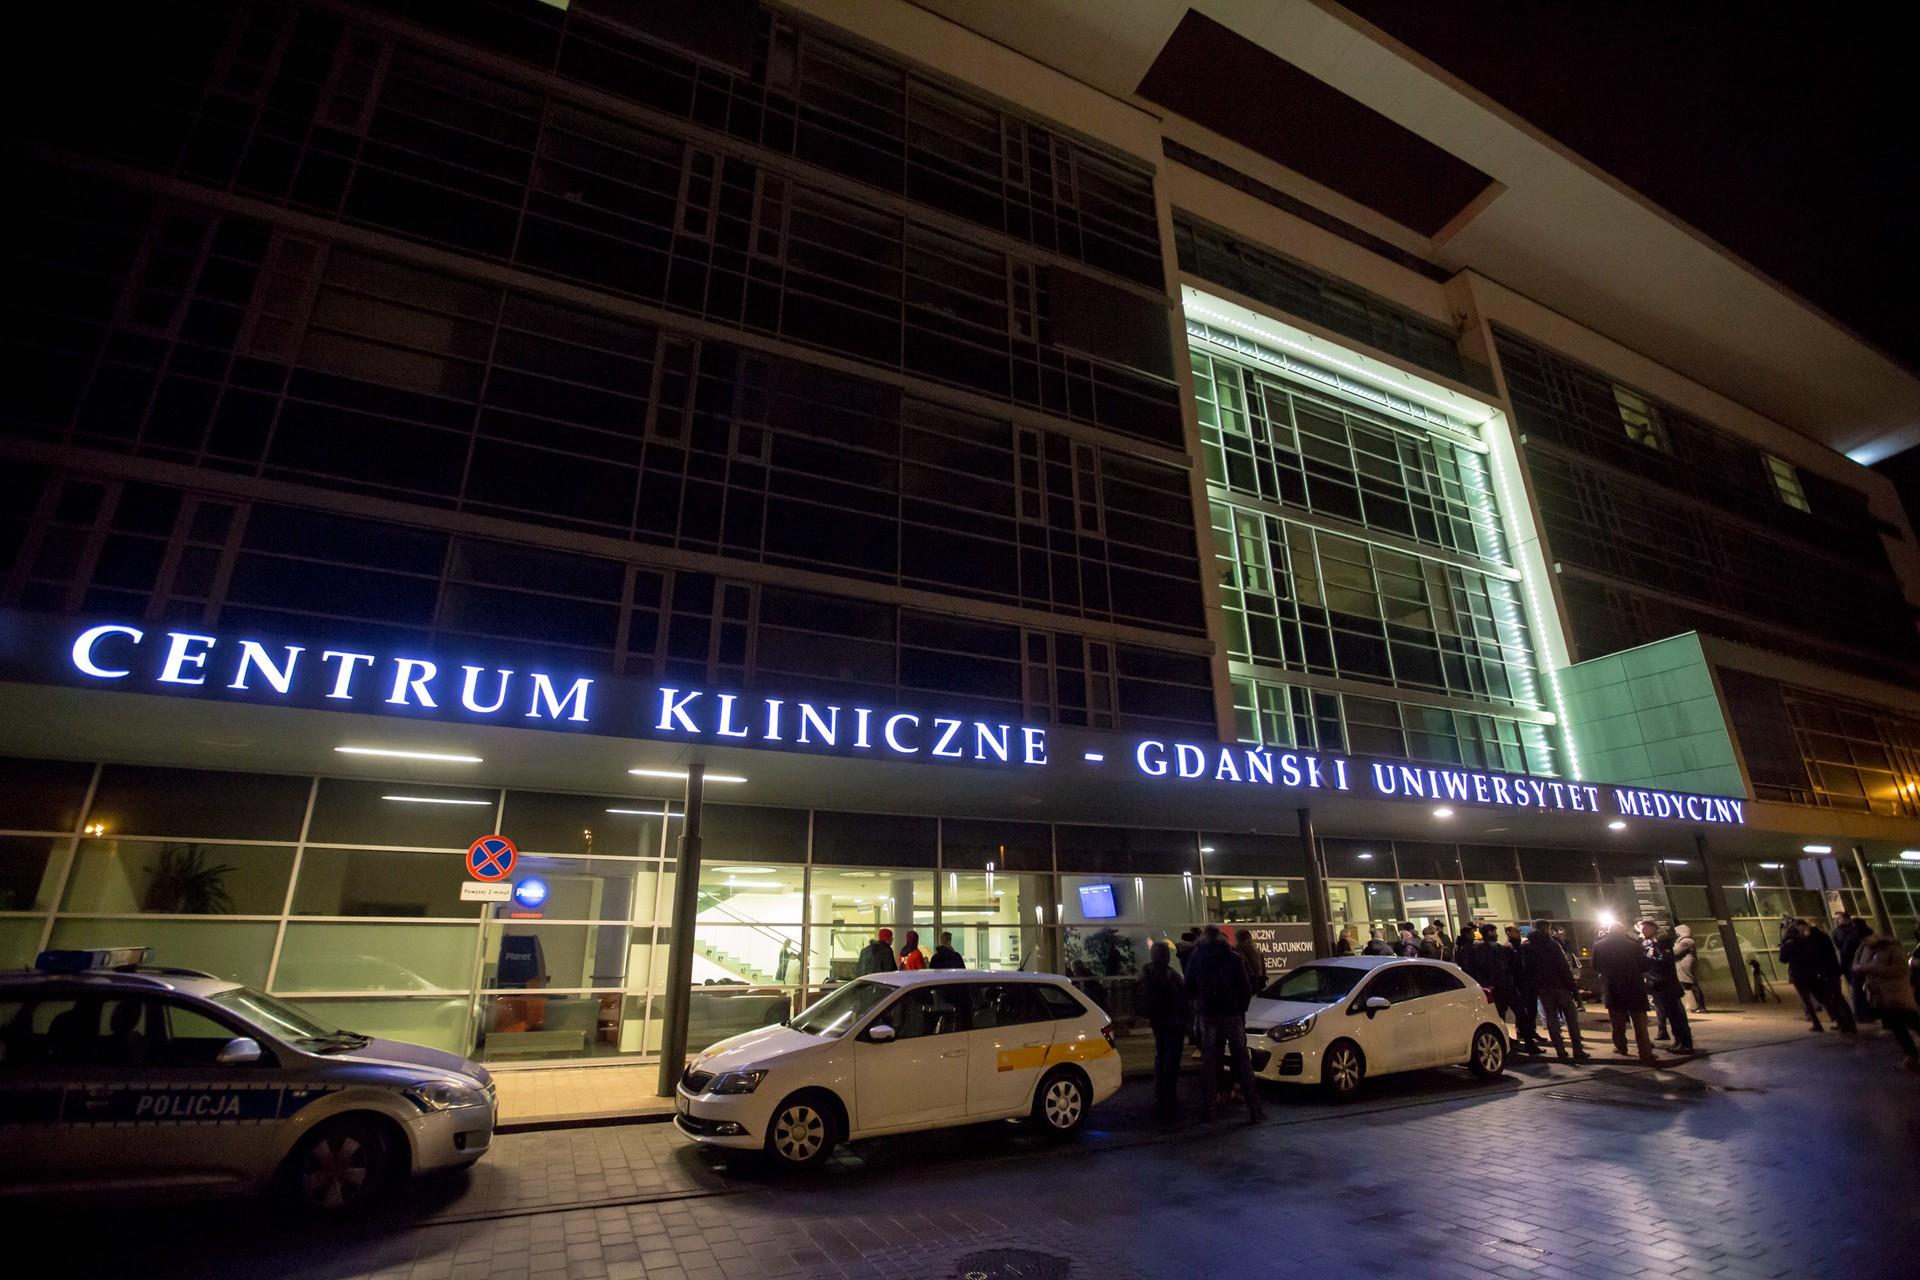 Wstrząs krwotoczny przyczyną śmierci prezydenta Gdańska. Prokuratura podała wstępne wyniki sekcji zwłok